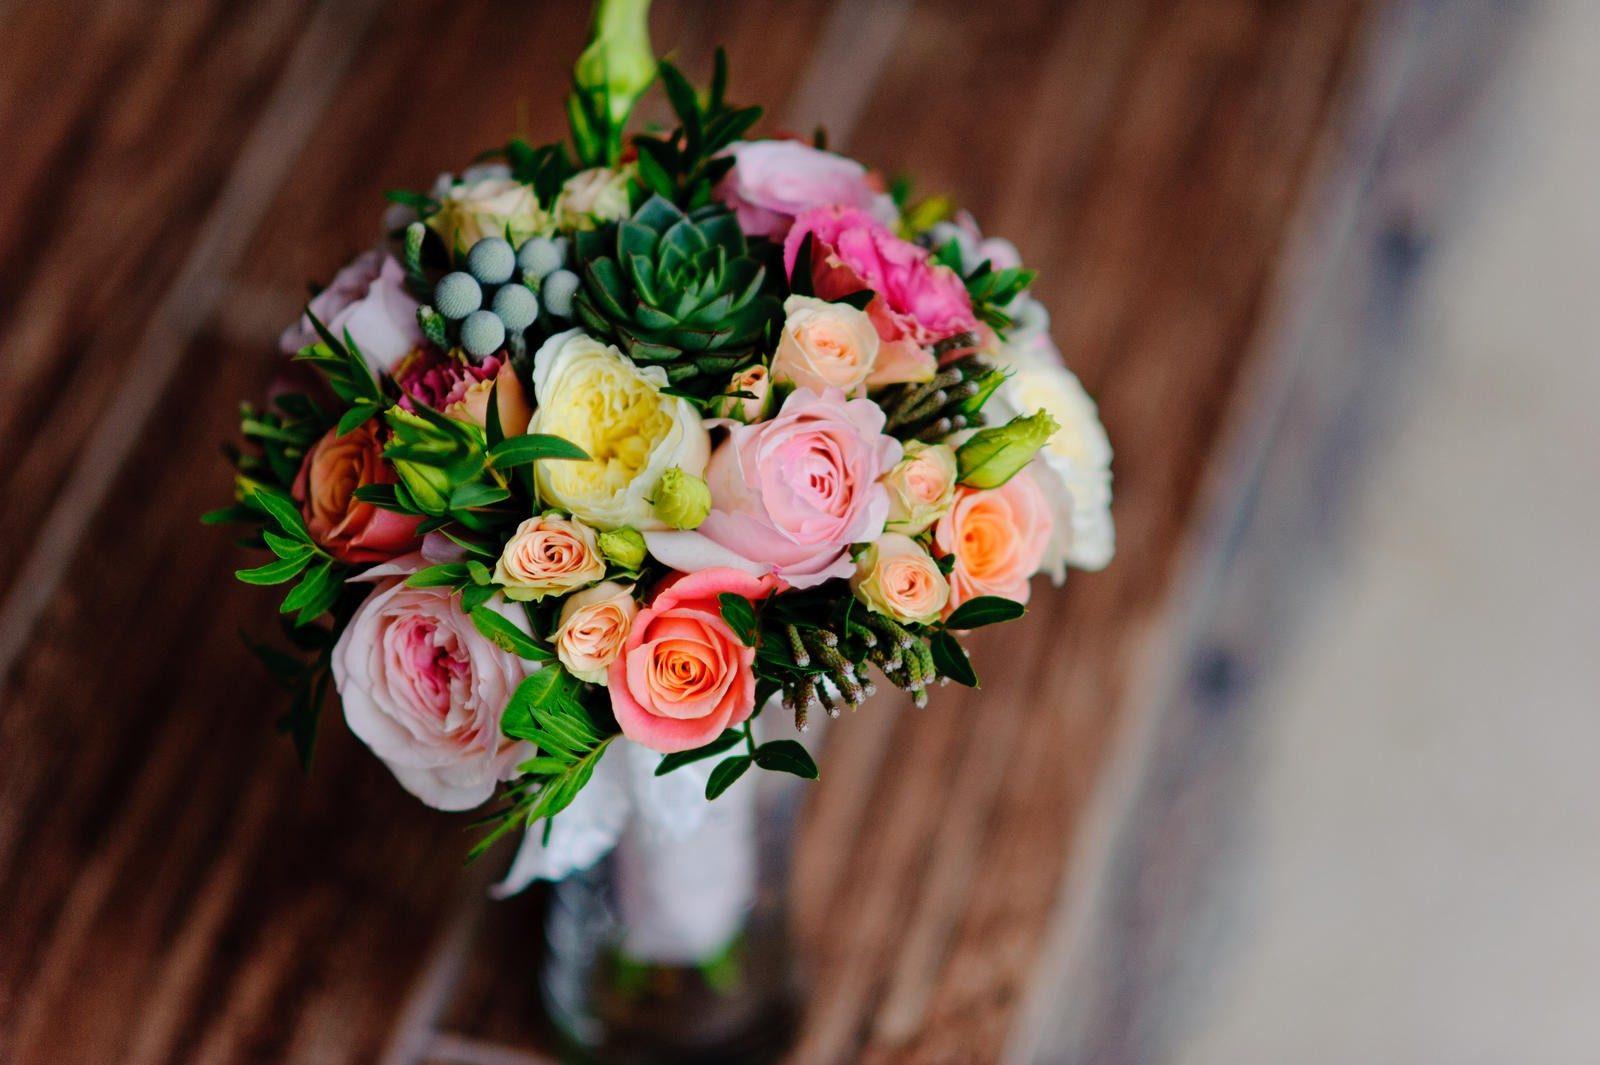 Saint Valentin 2018 - Pexel - bouquet